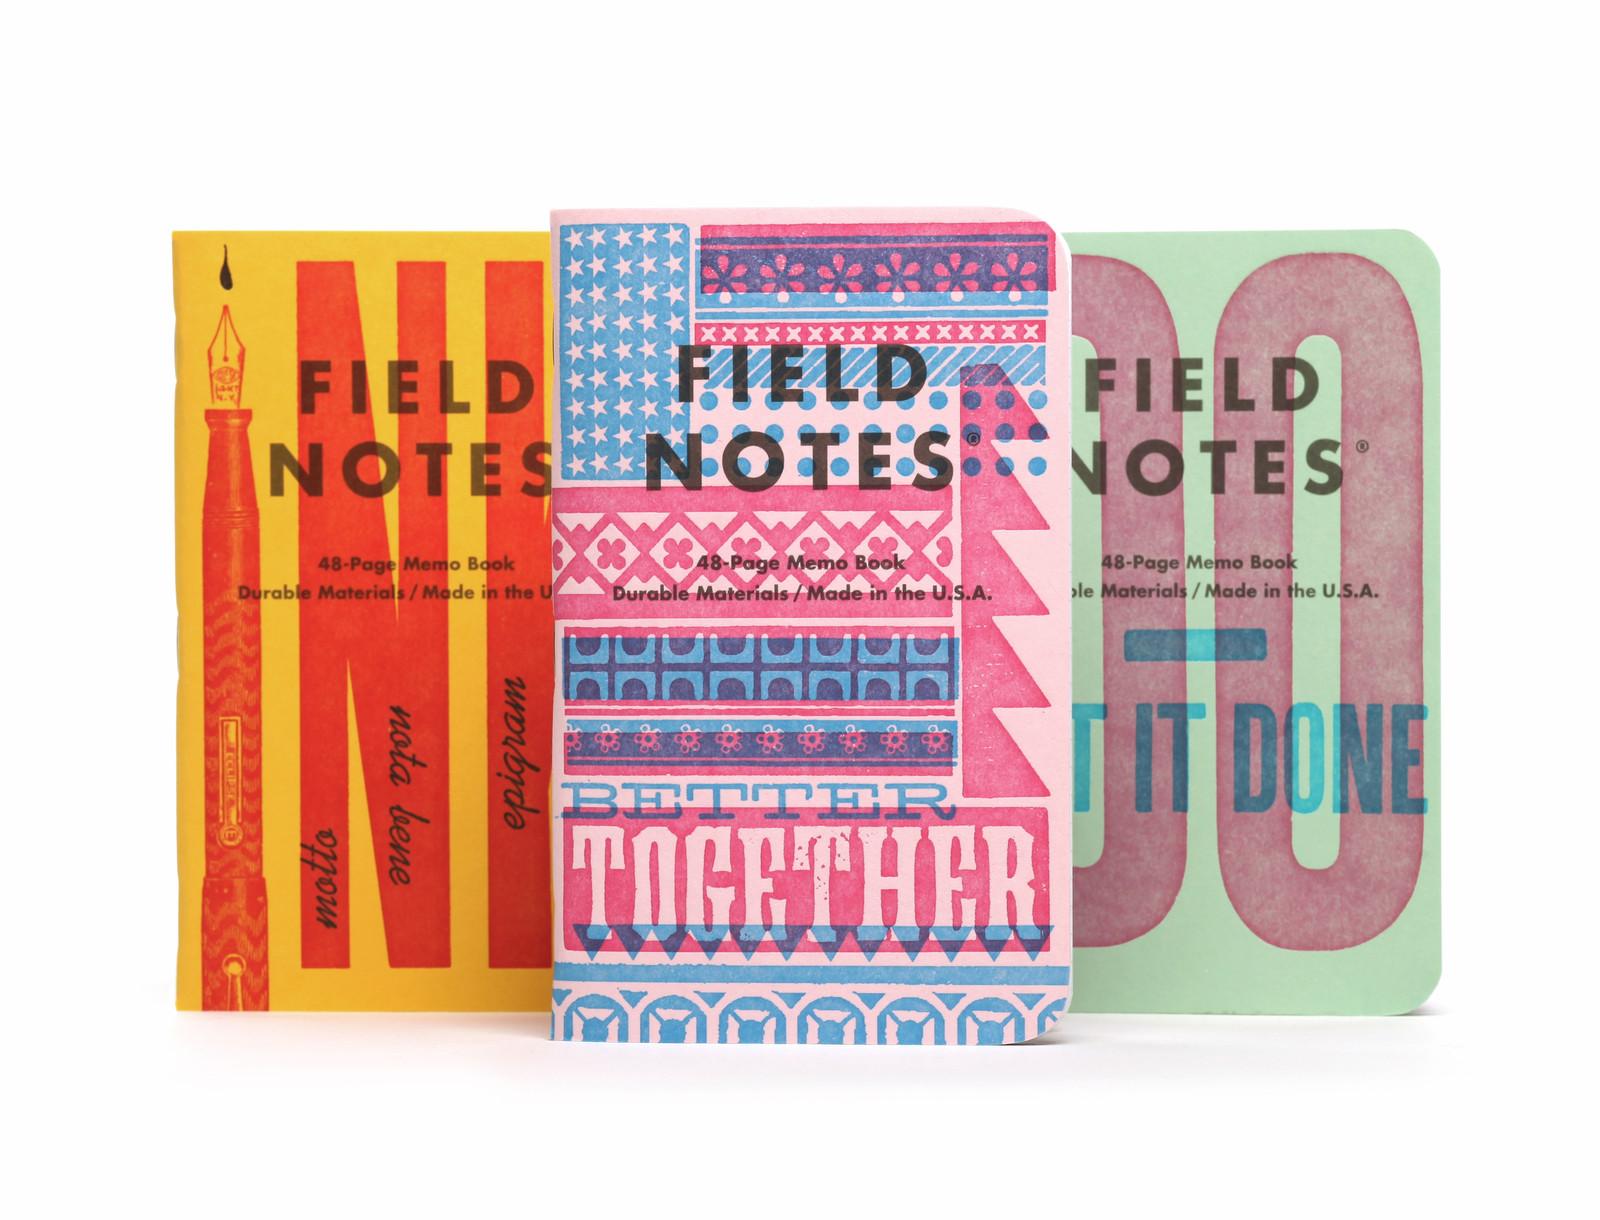 field notes letterpress 2